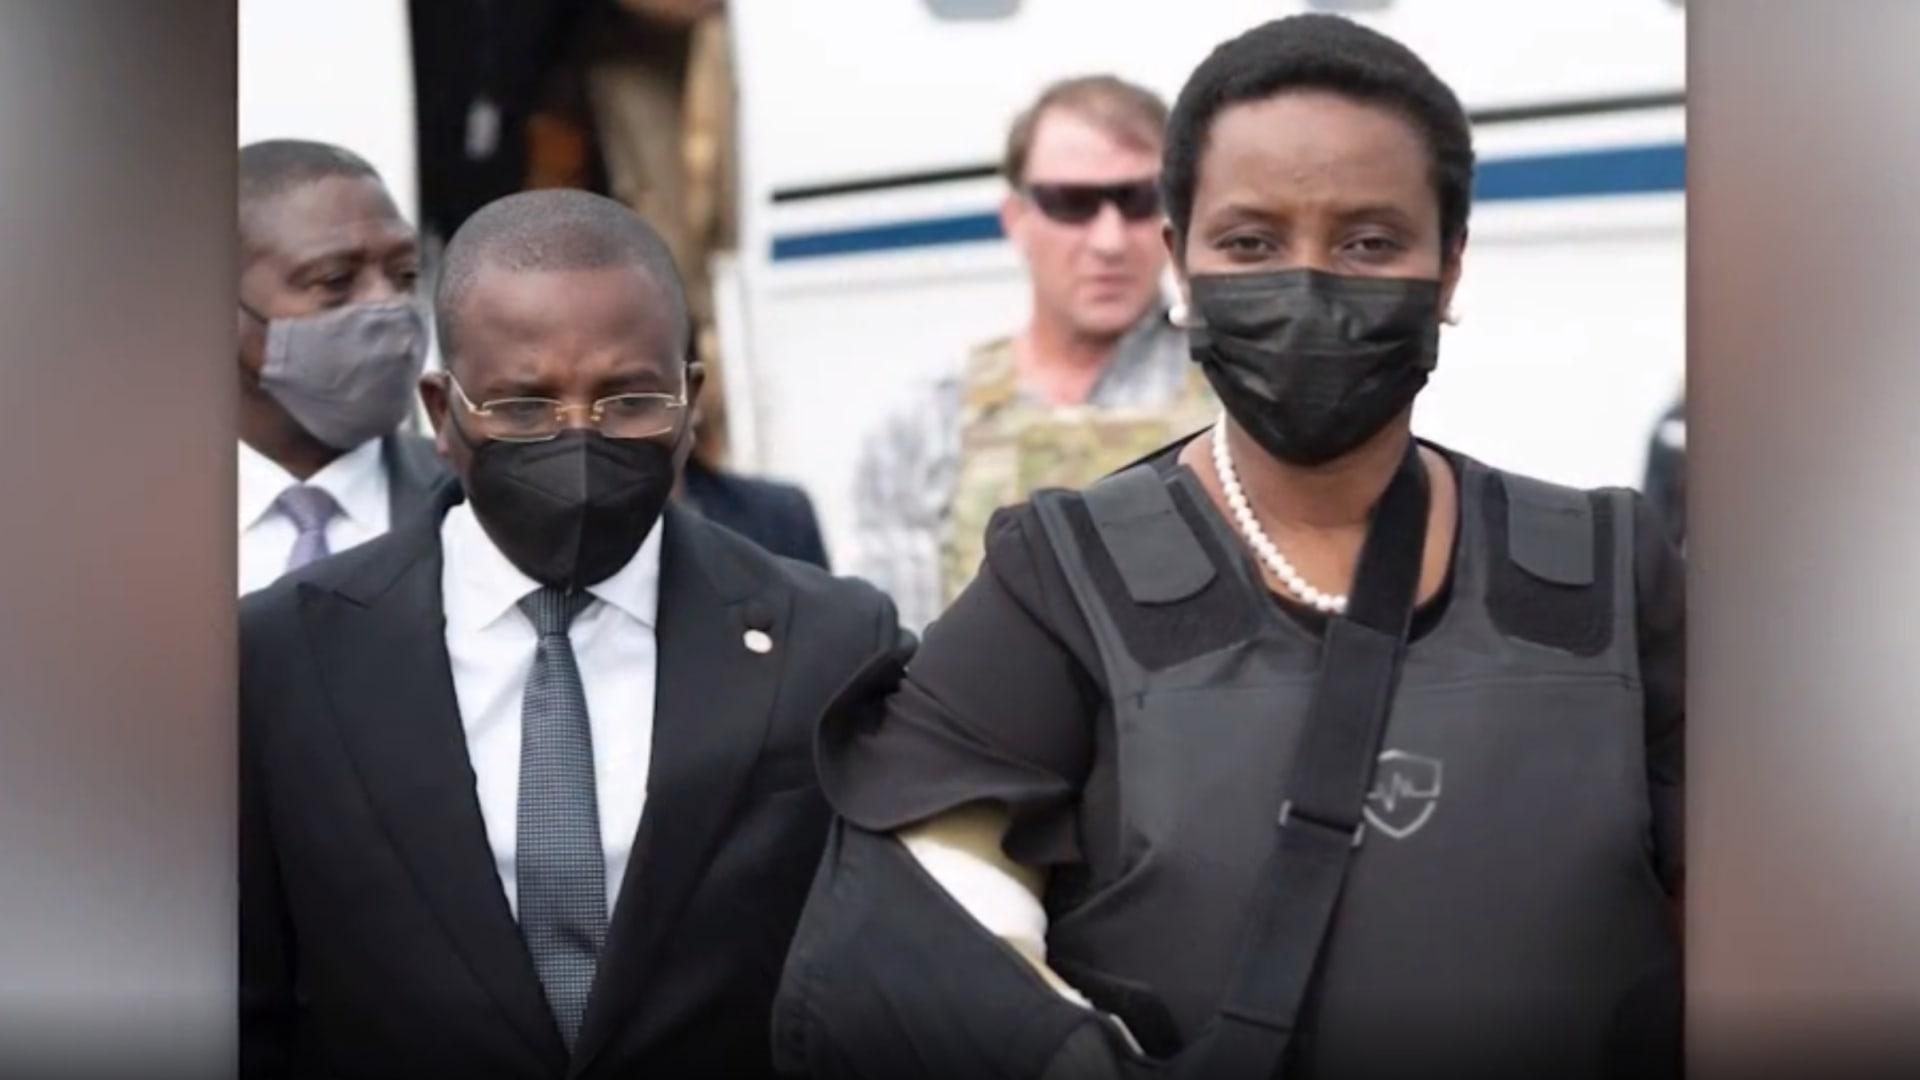 بيد مربوطة وسترة واقية من الرصاص.. ظهور زوجة رئيس هاييتي الراحل